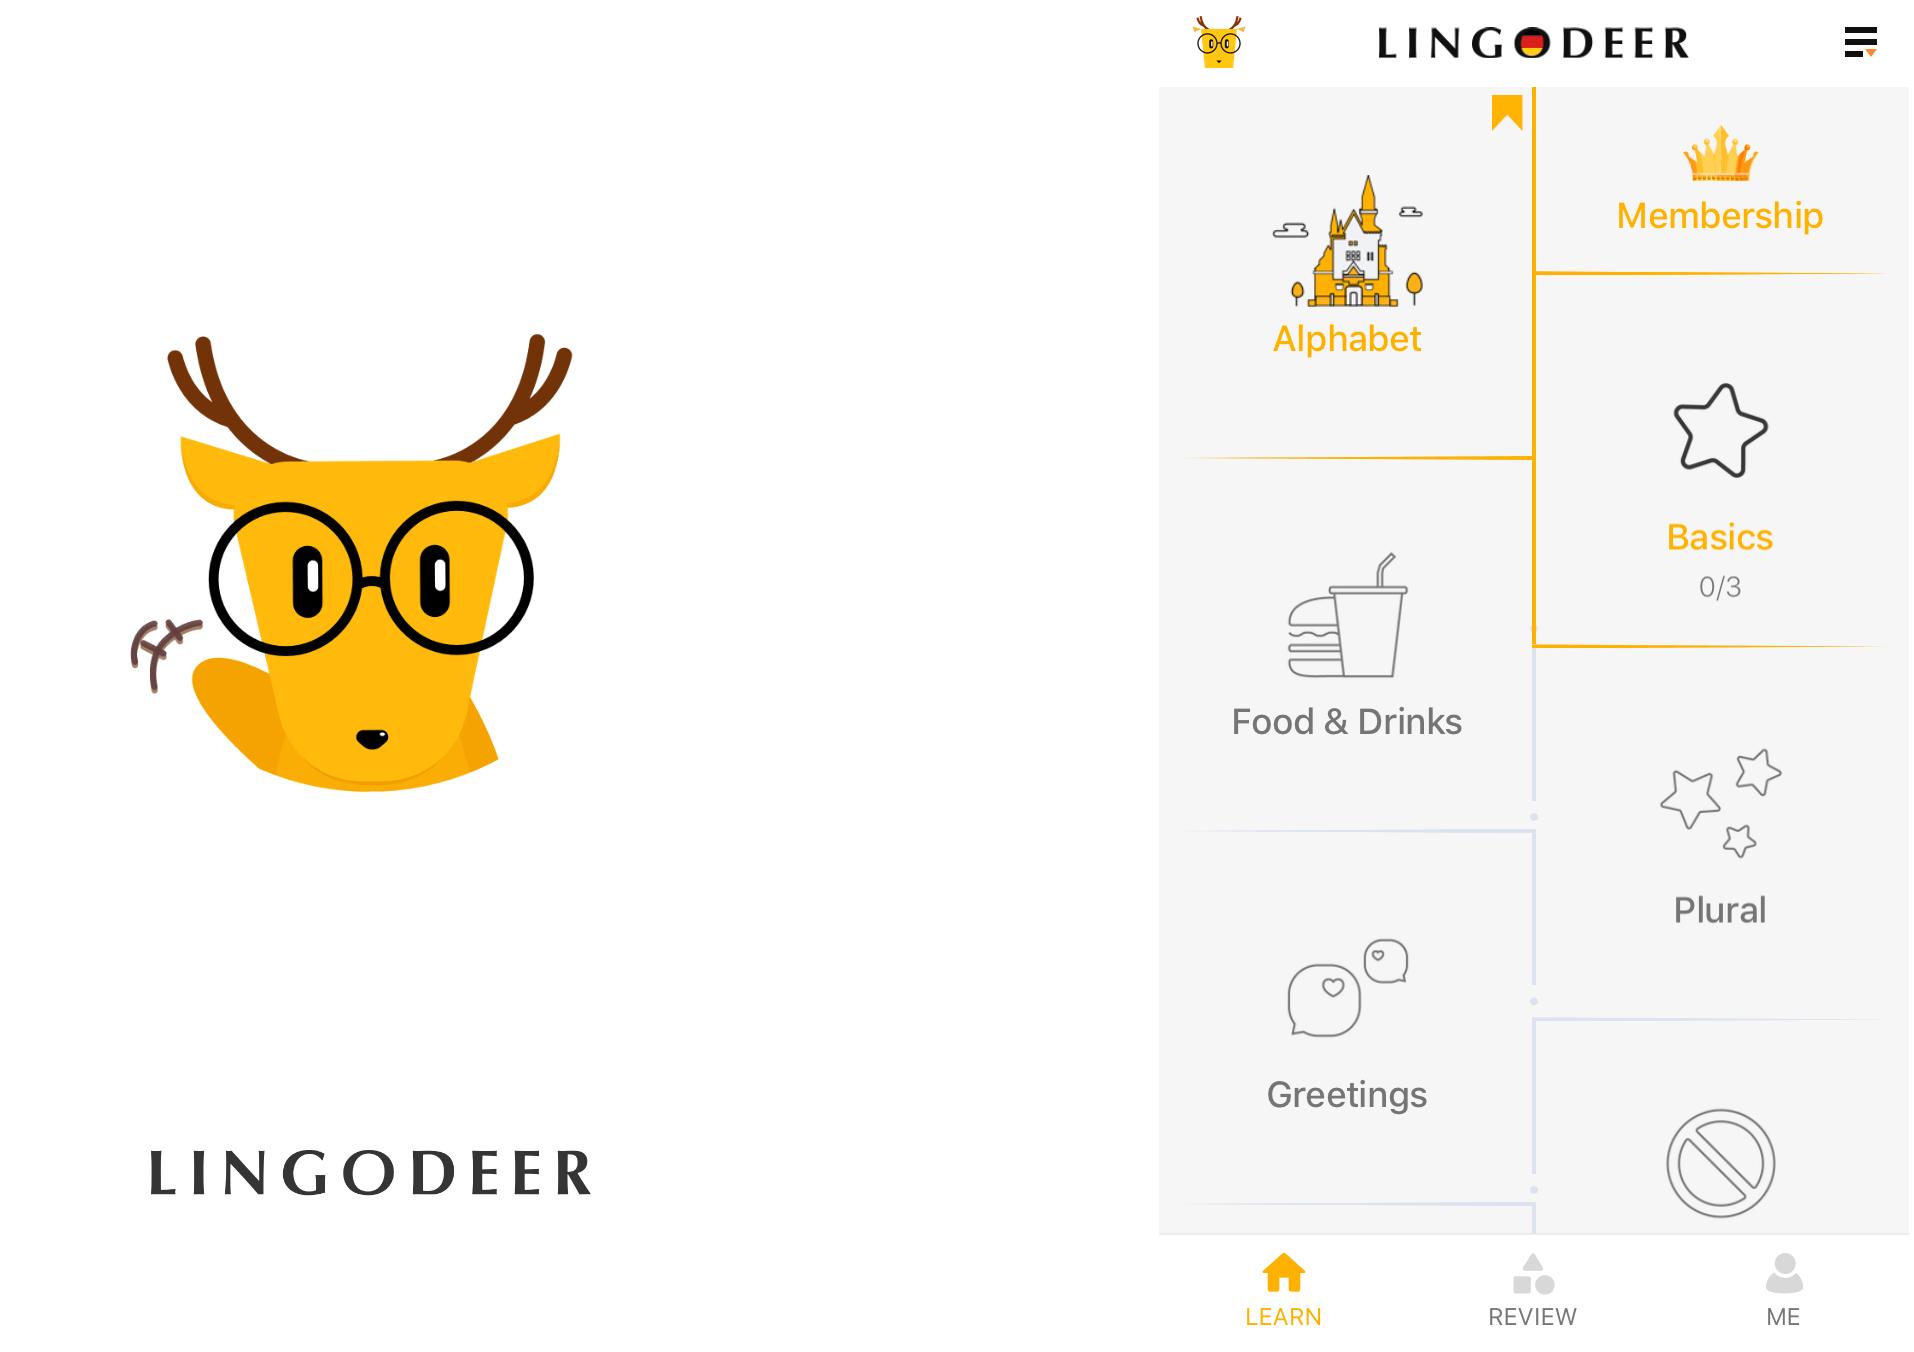 اپلیکیشن LingoDeer